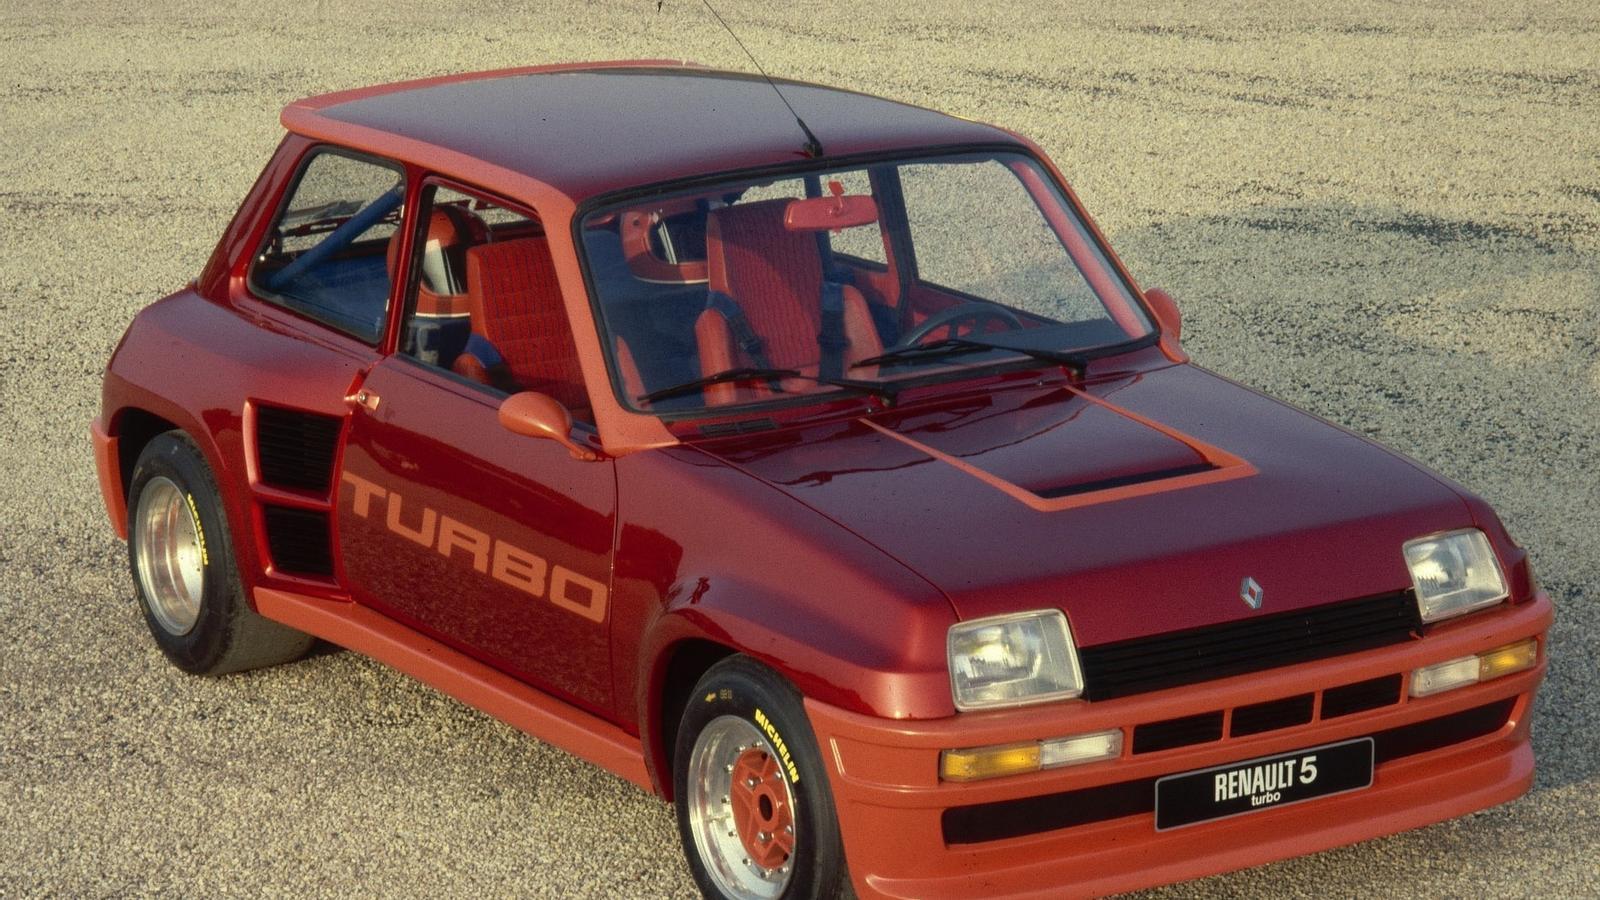 Renault 5 Turbo, només apte per als experts